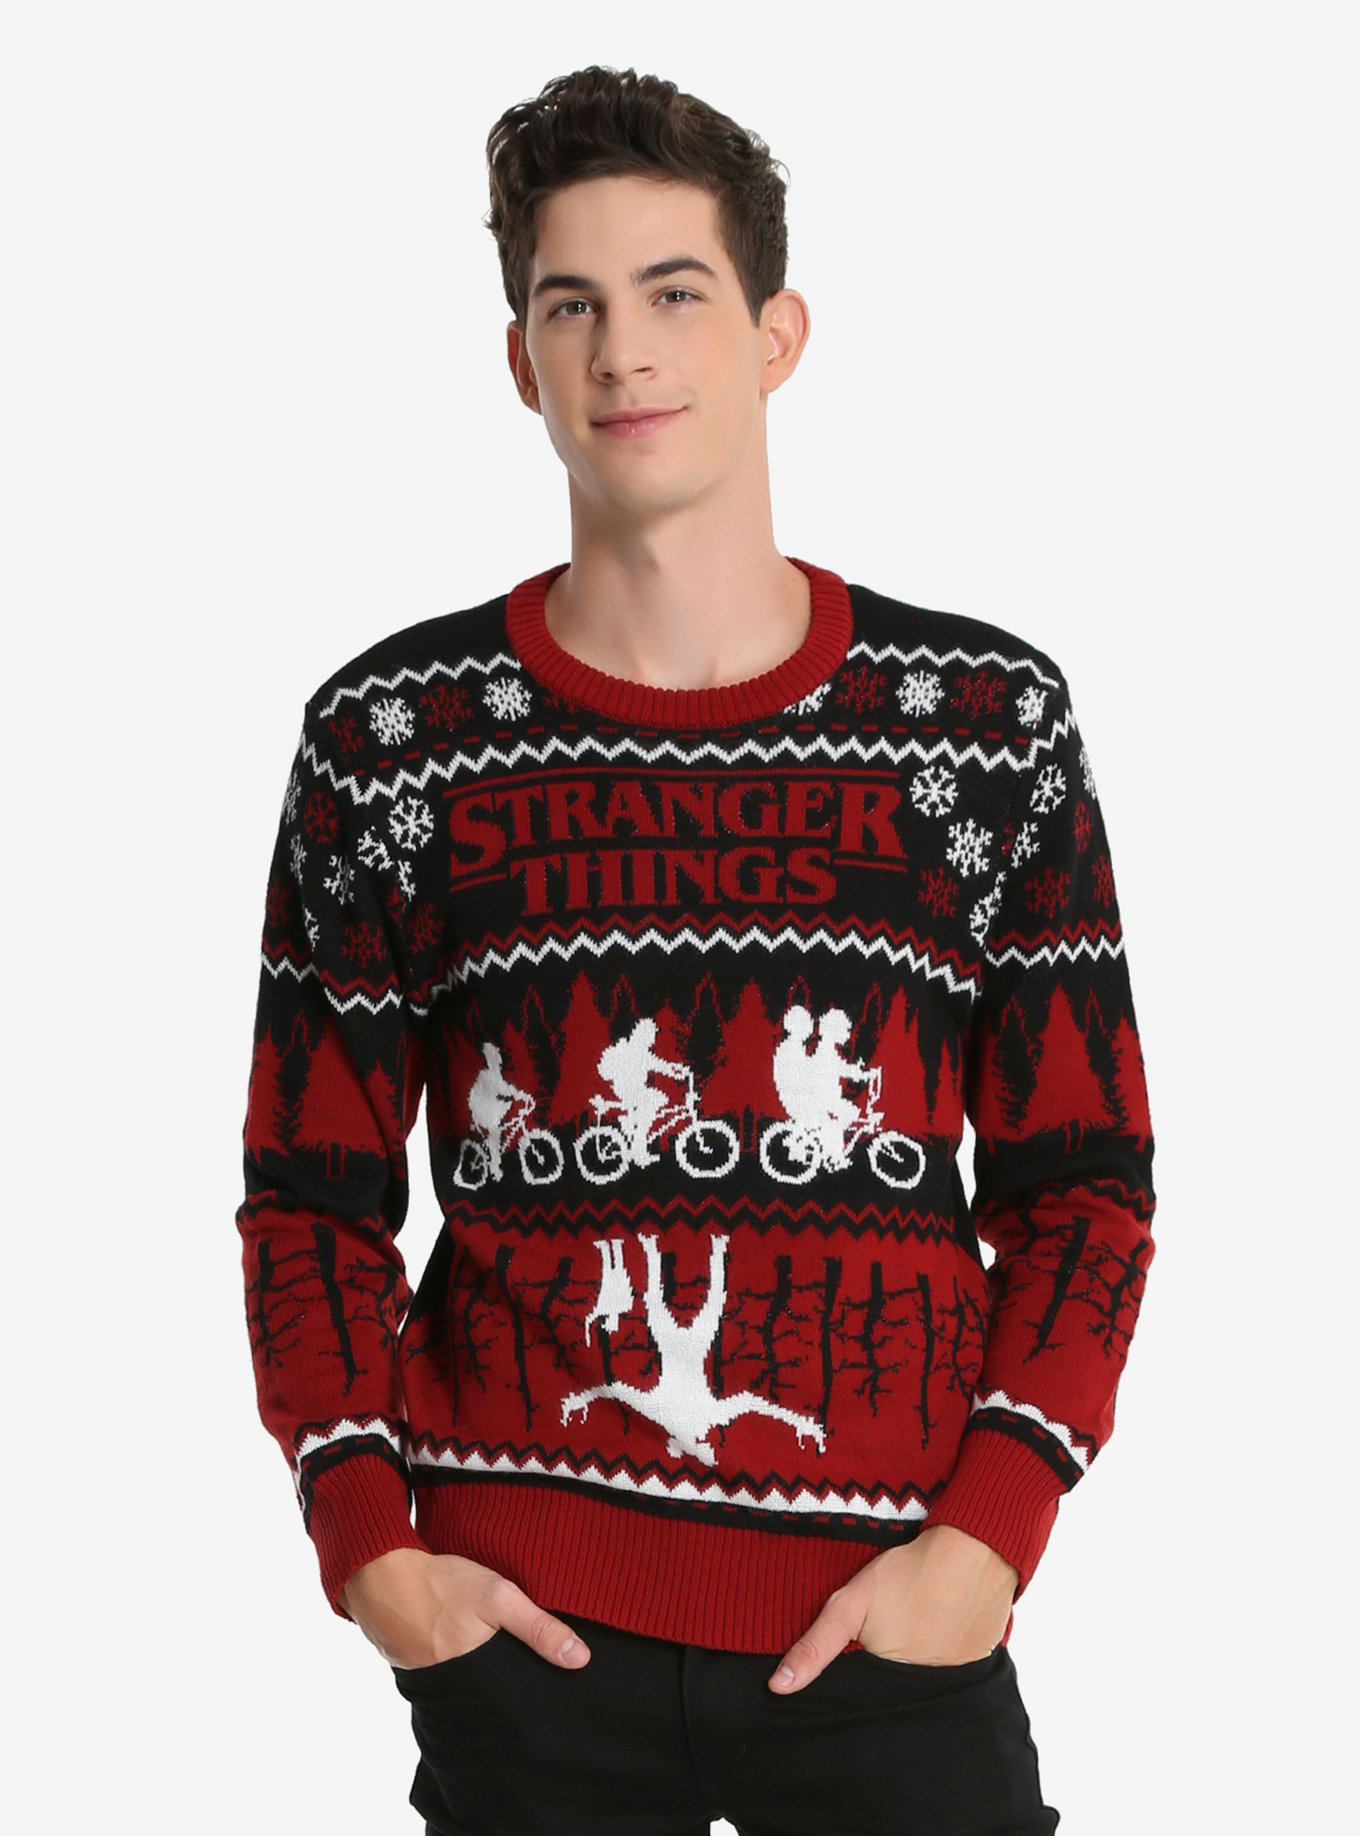 stranger-things-sweater.jpeg